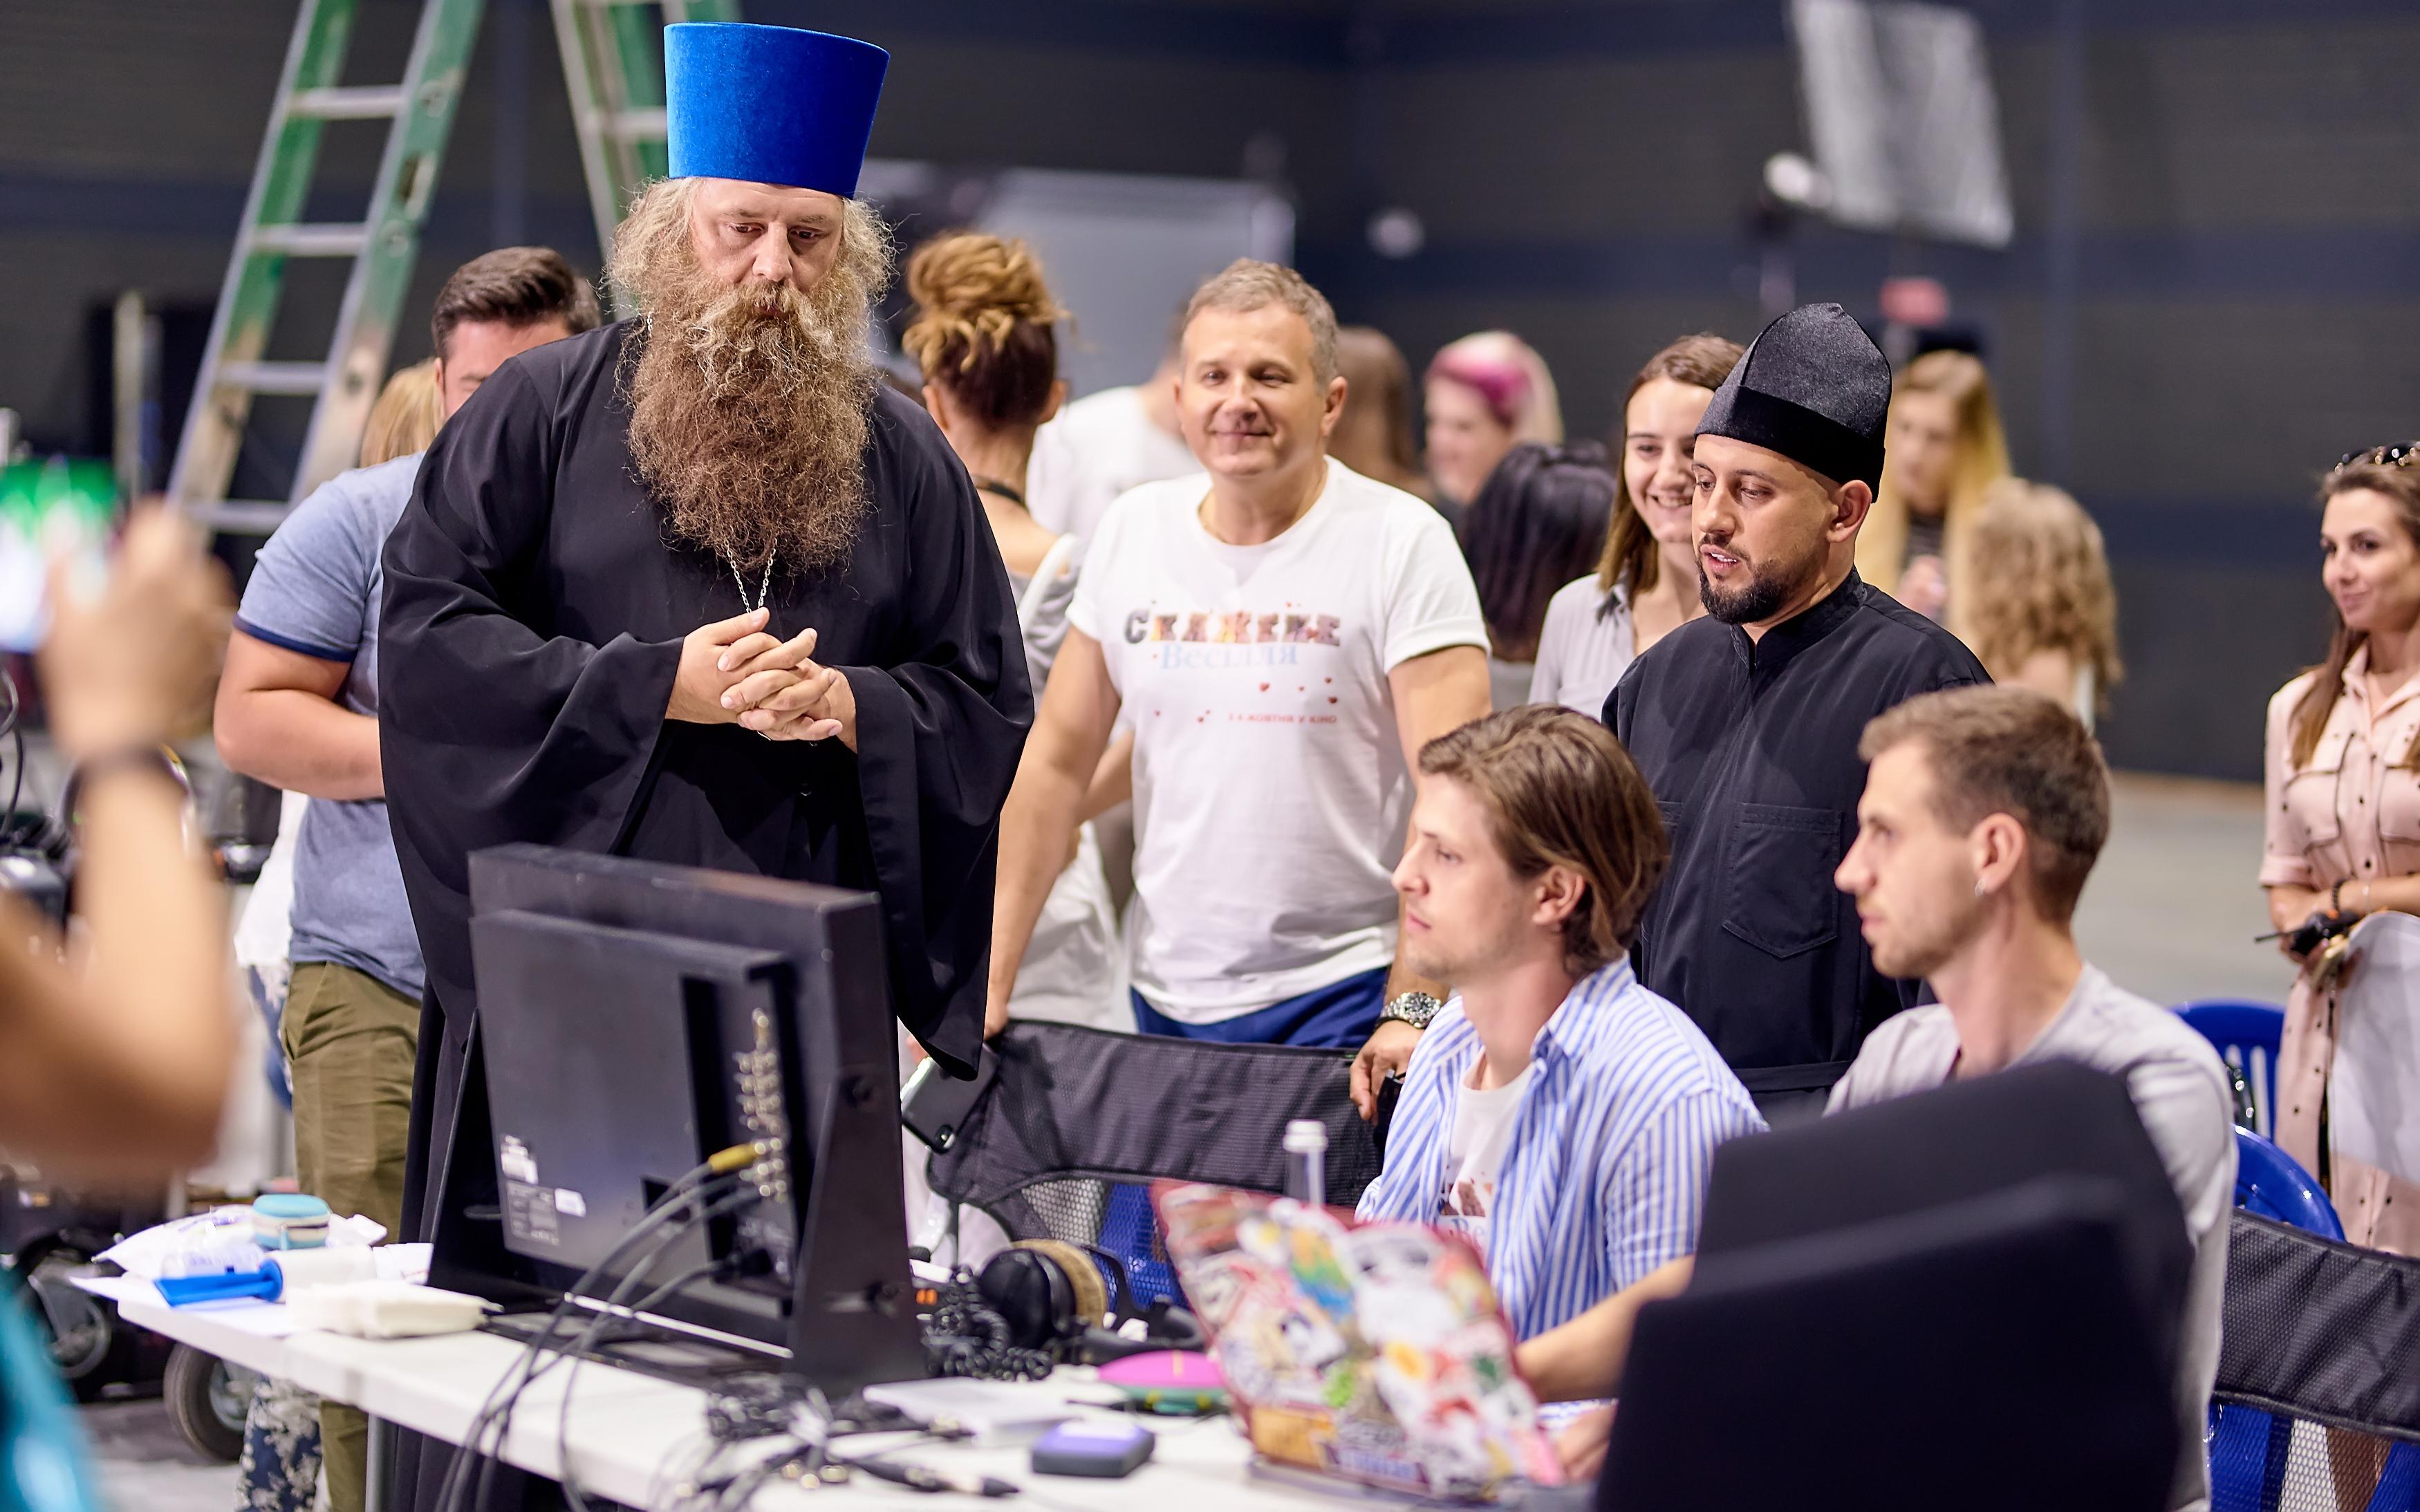 Потап в роли священника, MONATIK в роли дьяка. Кем будет Олег Винник?